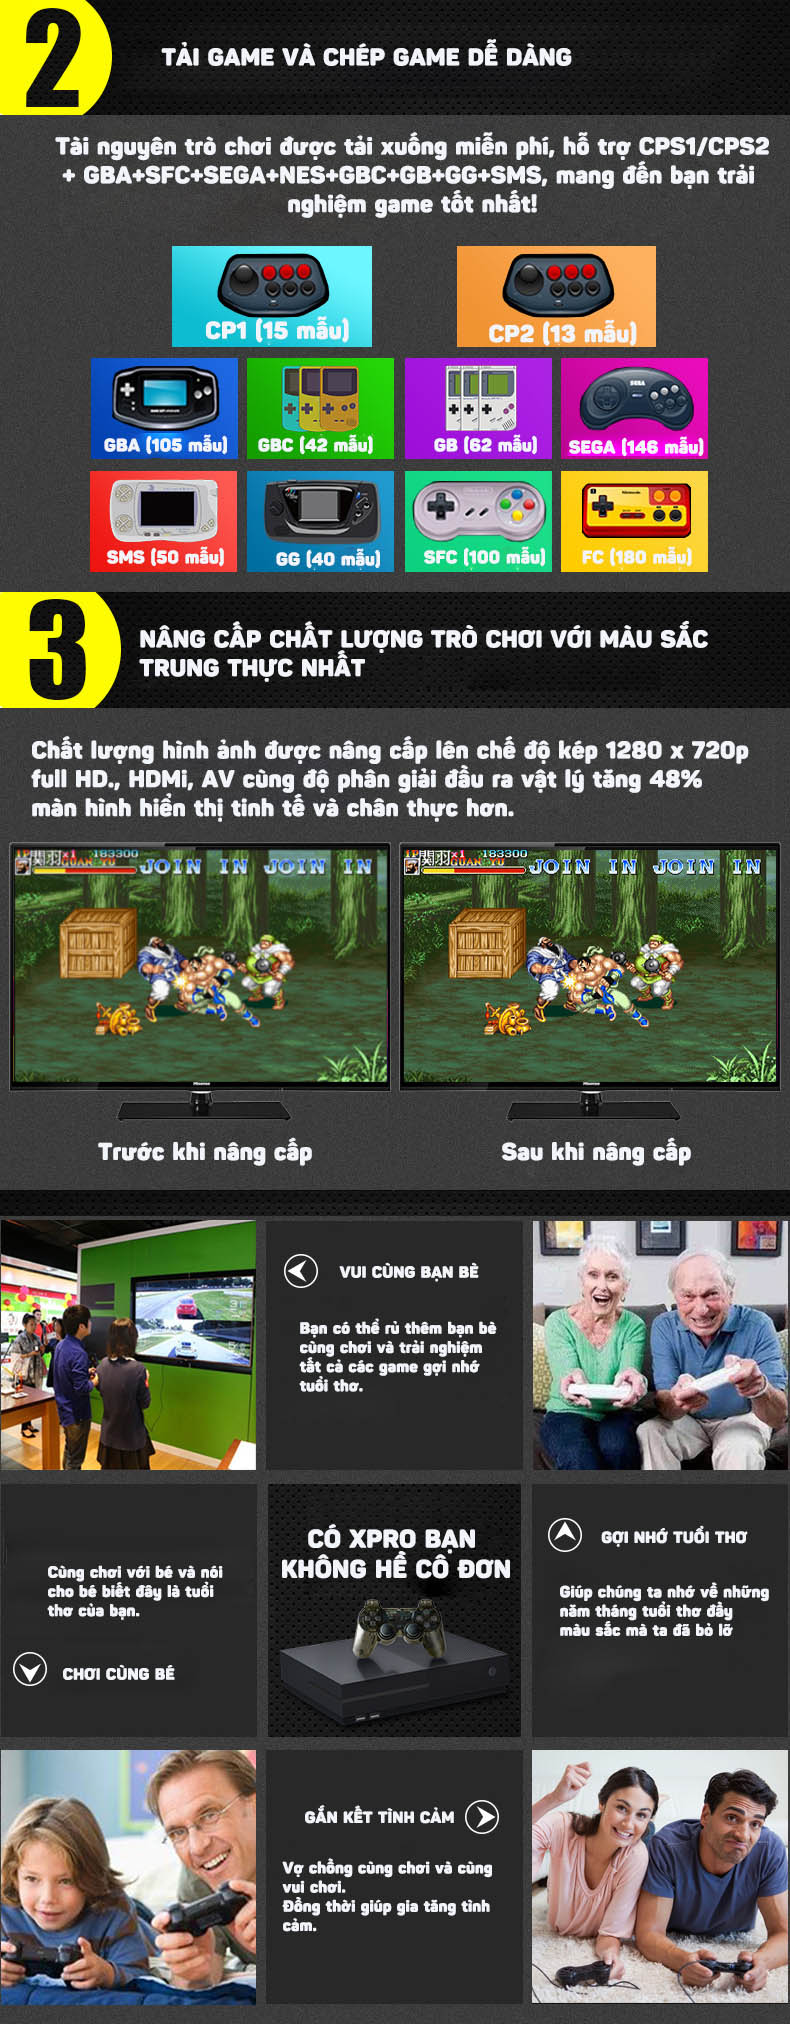 Máy chơi game 4 nút Aturos X Pro tích hợp 800 game cổ điển, hỗ trợ chép game bên ngoài, hỗ trợ 4K, chơi game Arcade (NES, GBA, FPS, SFC...) - Màu đen